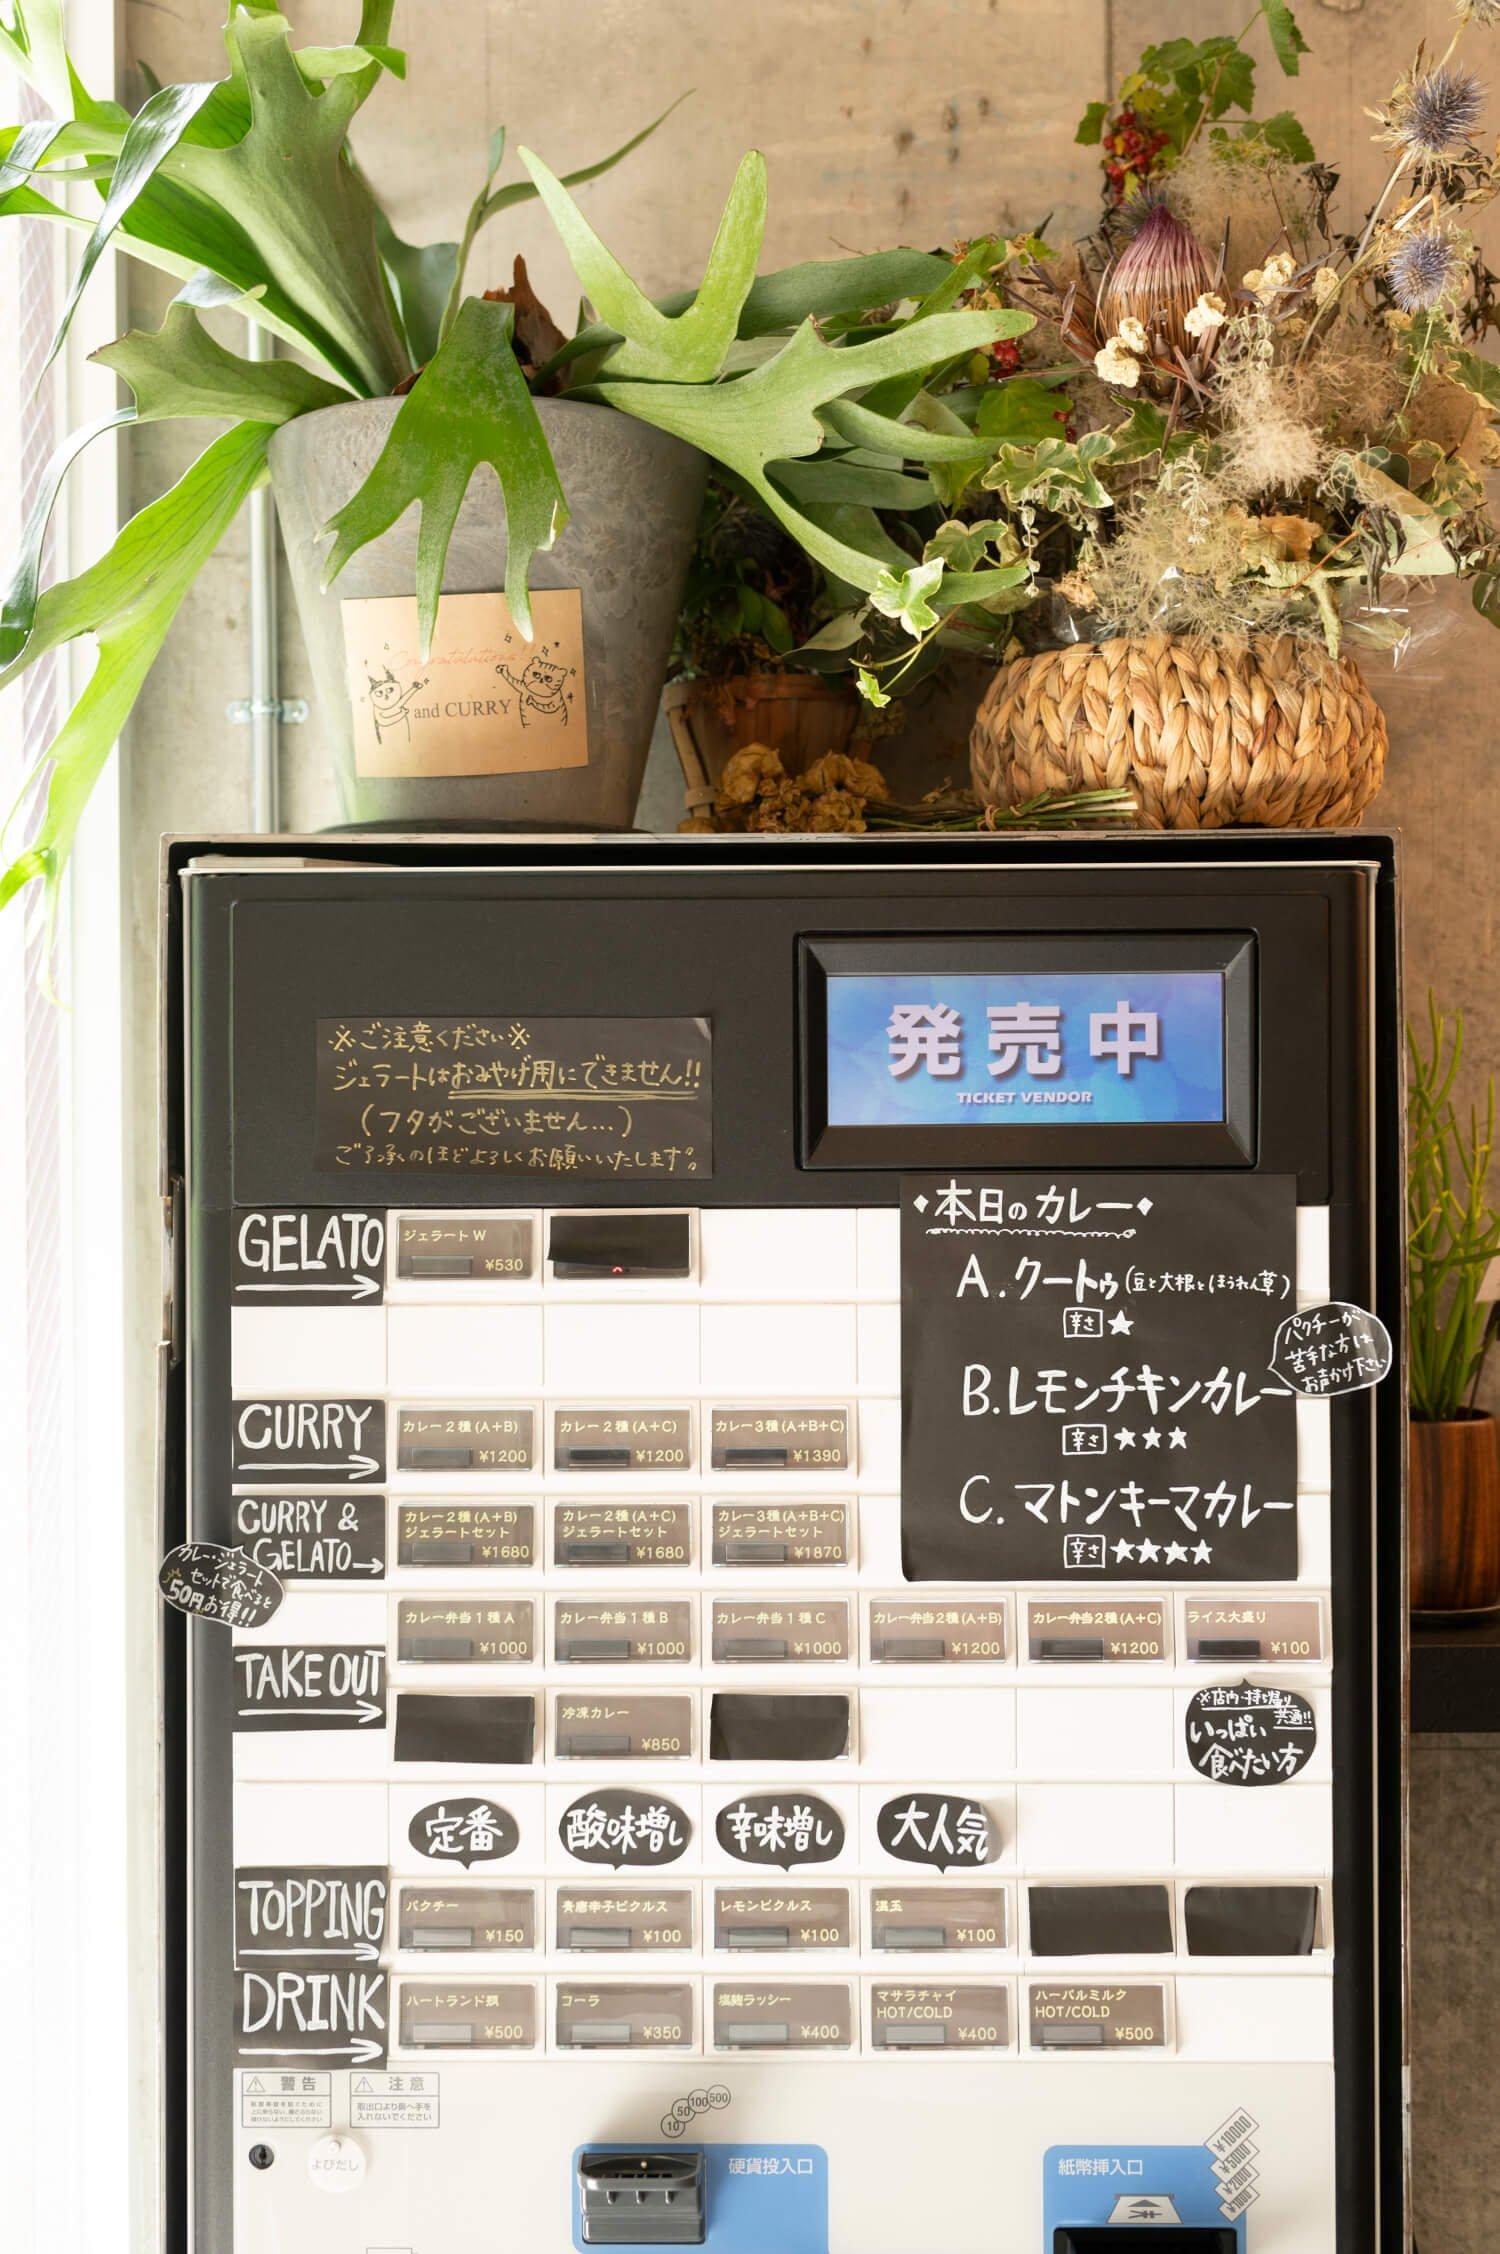 入り口近くの券売機で券を買う先払いシステム。デザートにジェラートを食べるとあらかじめ決めている人は、セット券がお得。